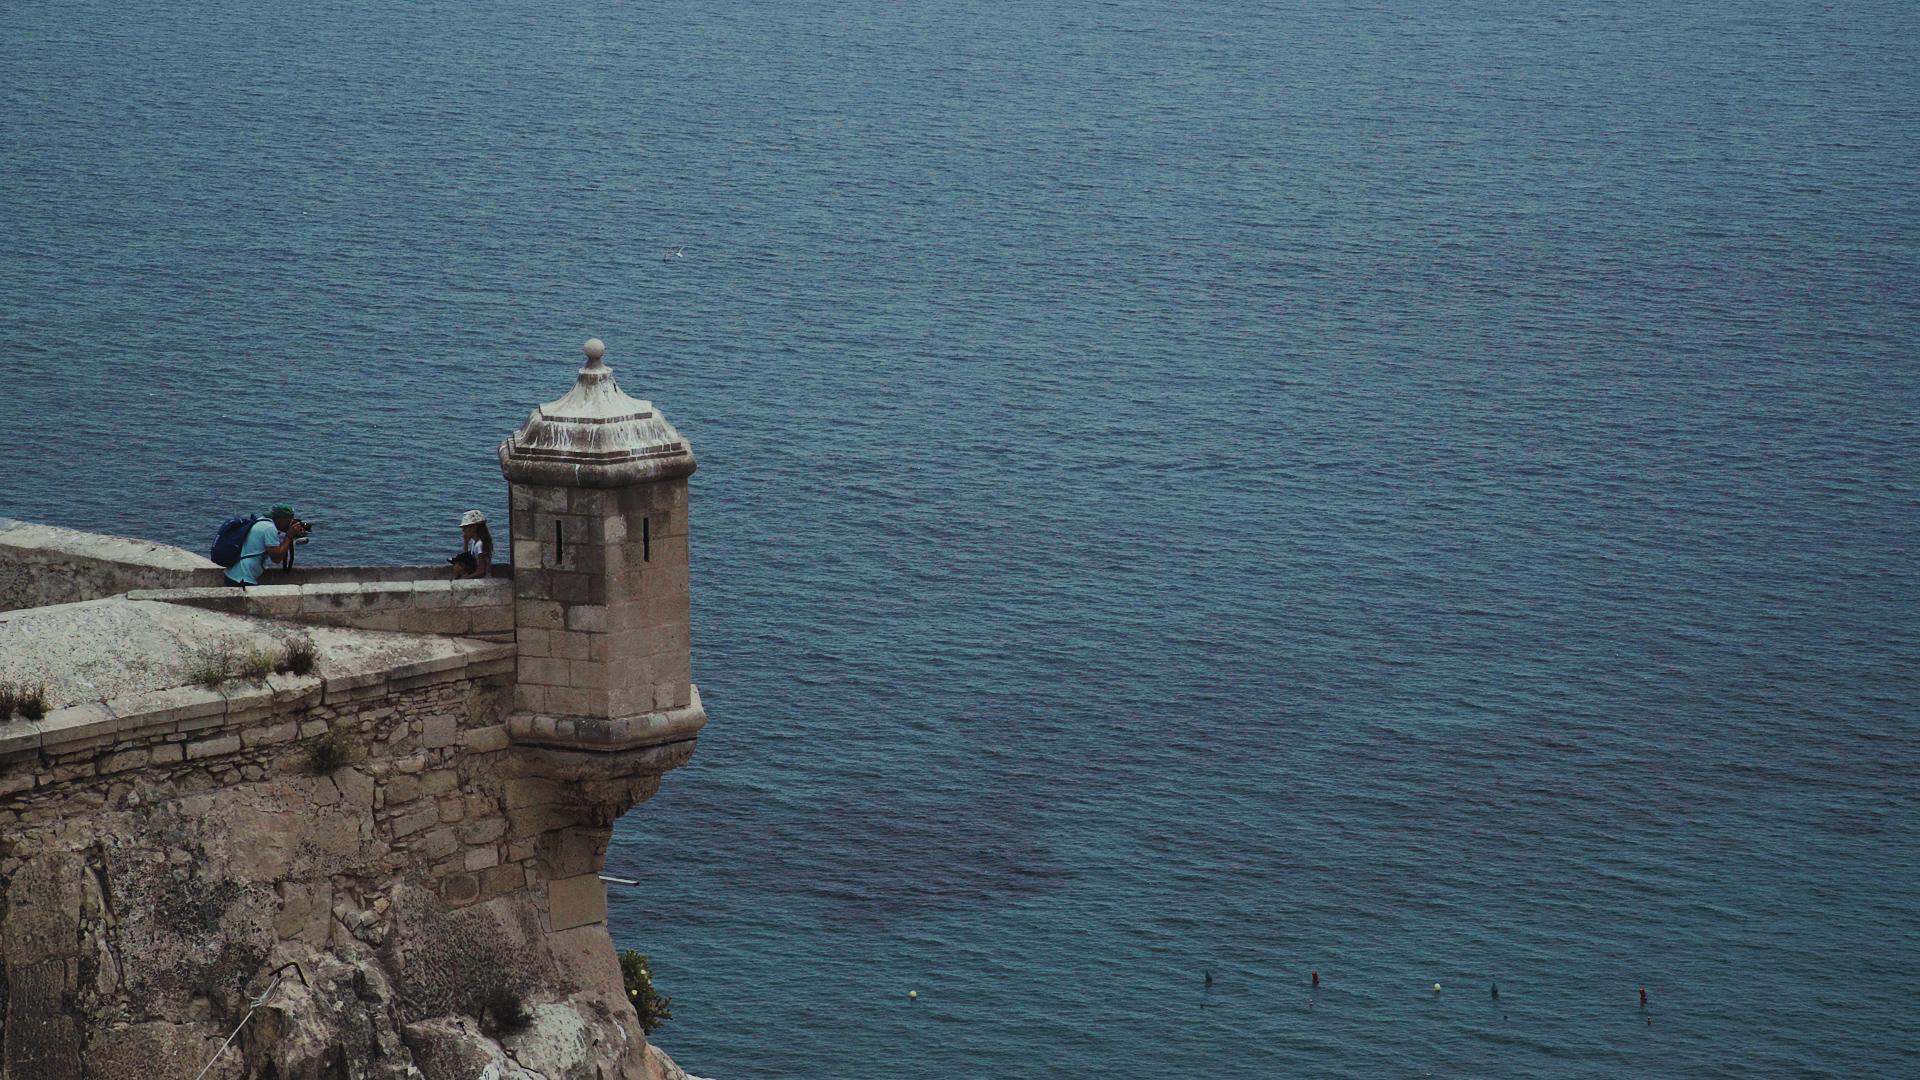 Sea view from the Santa Barbara Castle, Alicante, Spain.